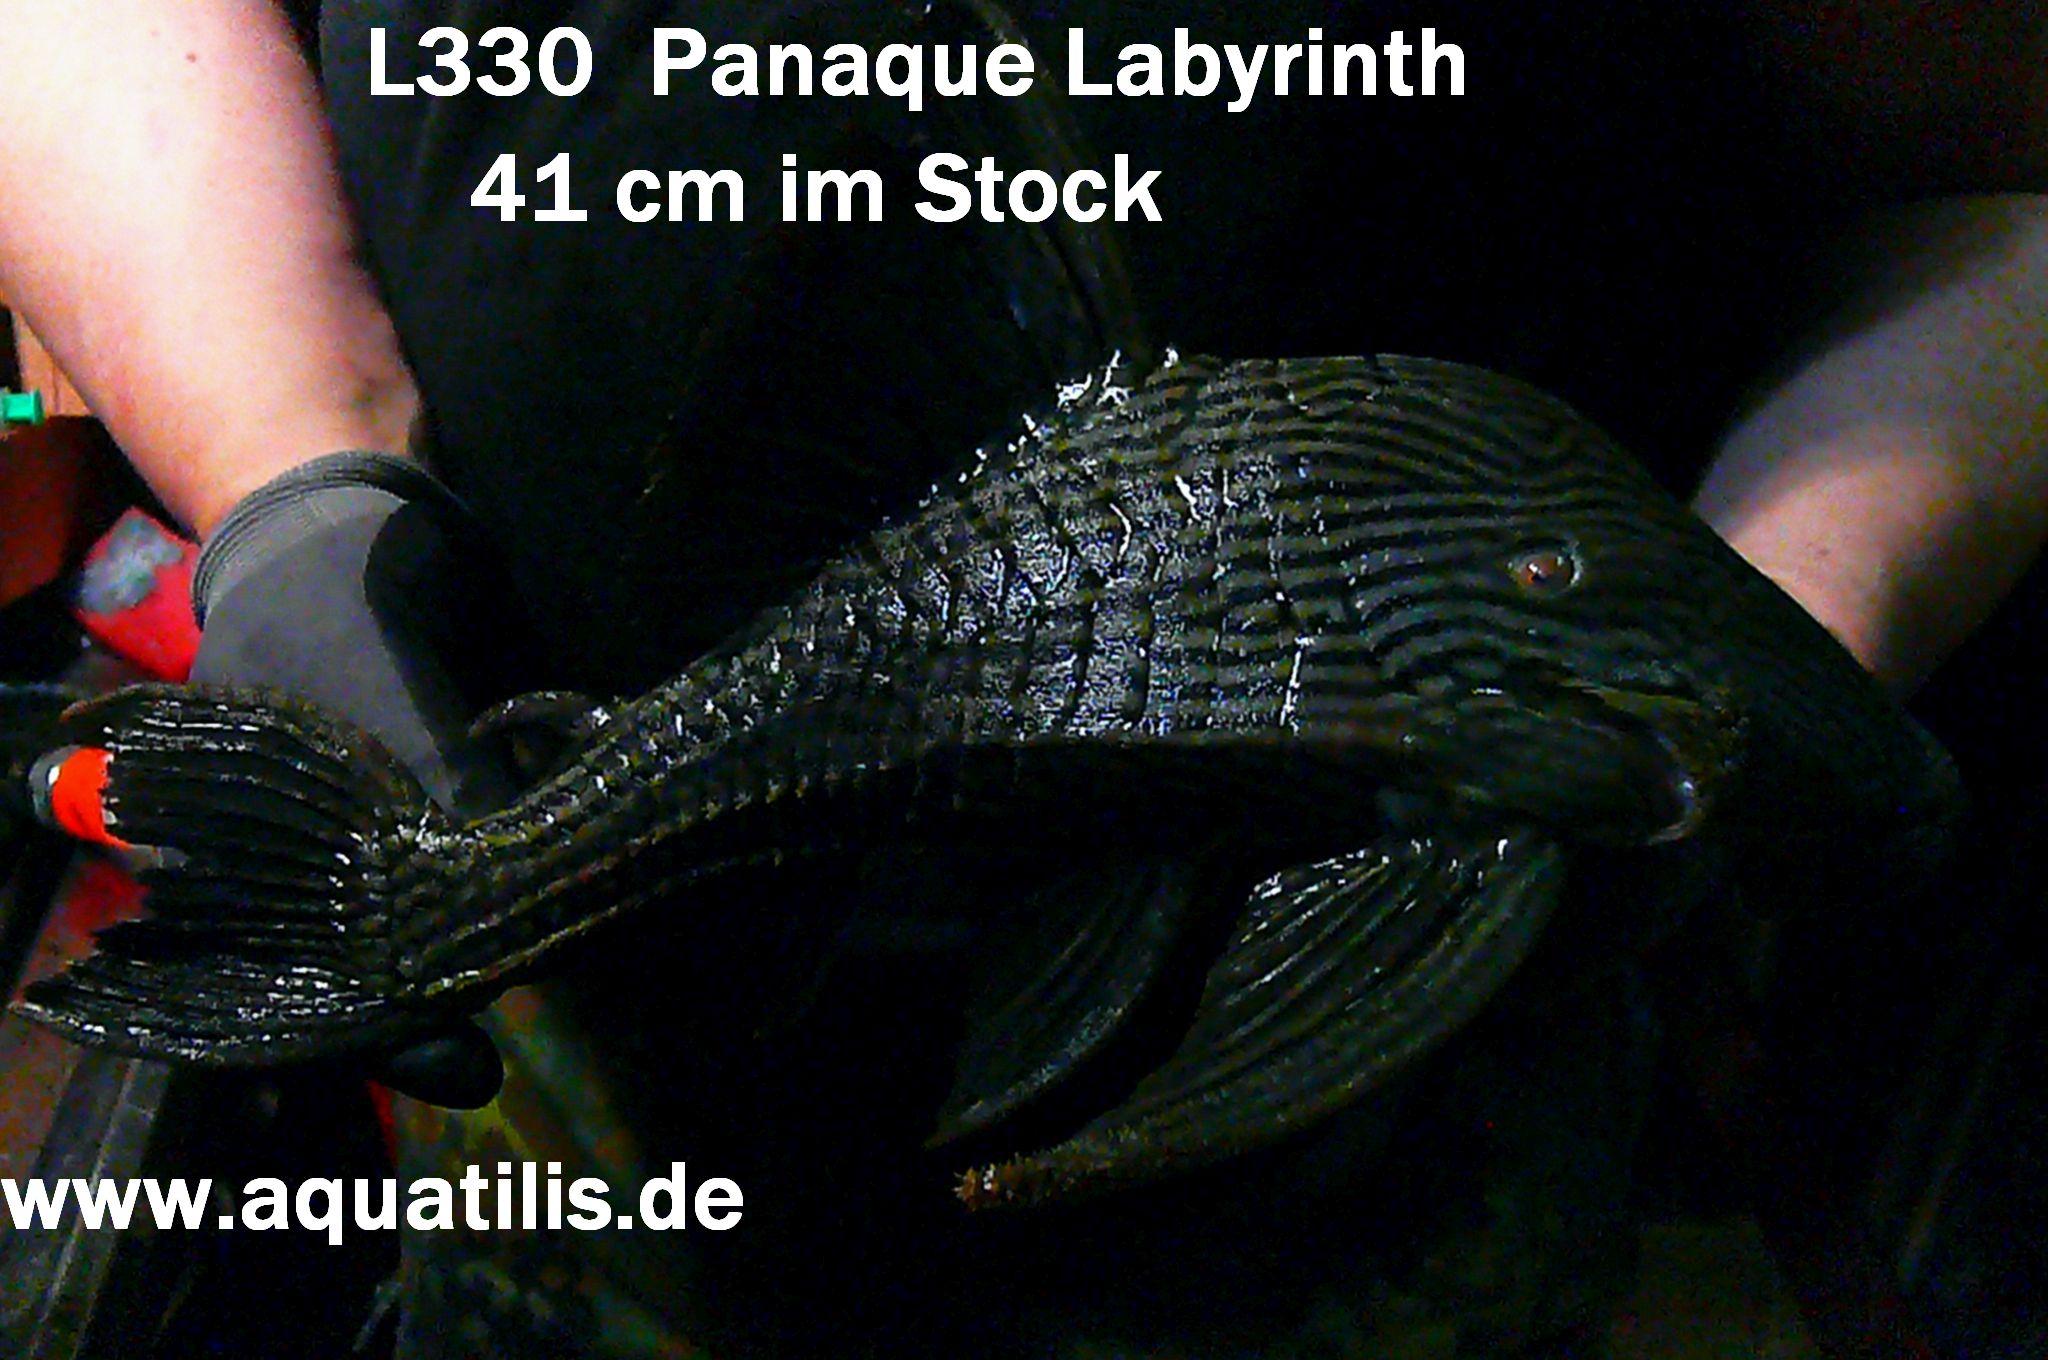 L330 Panaque im Stock - Foto:  aquatilis.de  Peter Jaeger